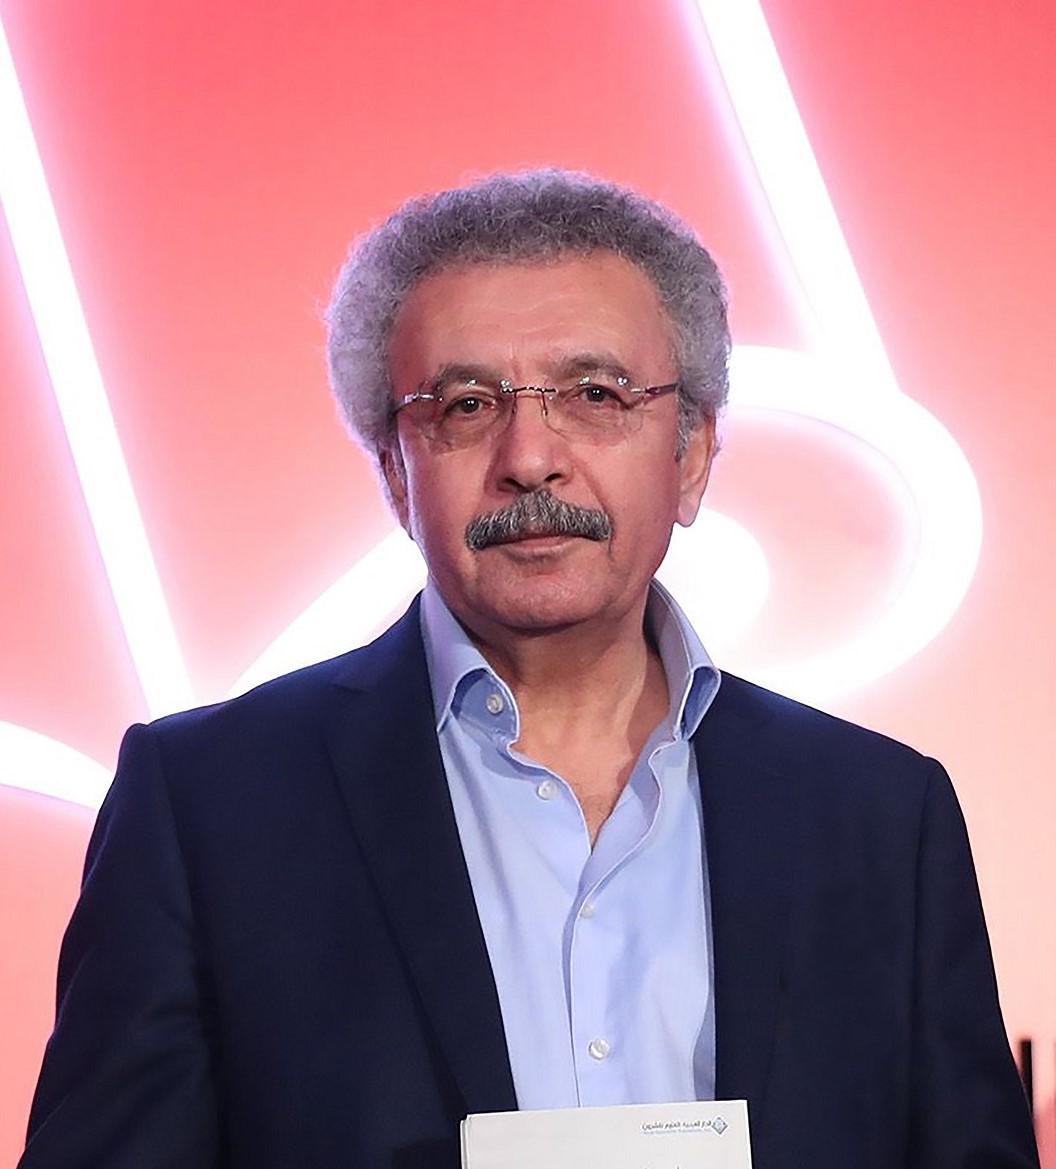 ابراهيم نصرالله